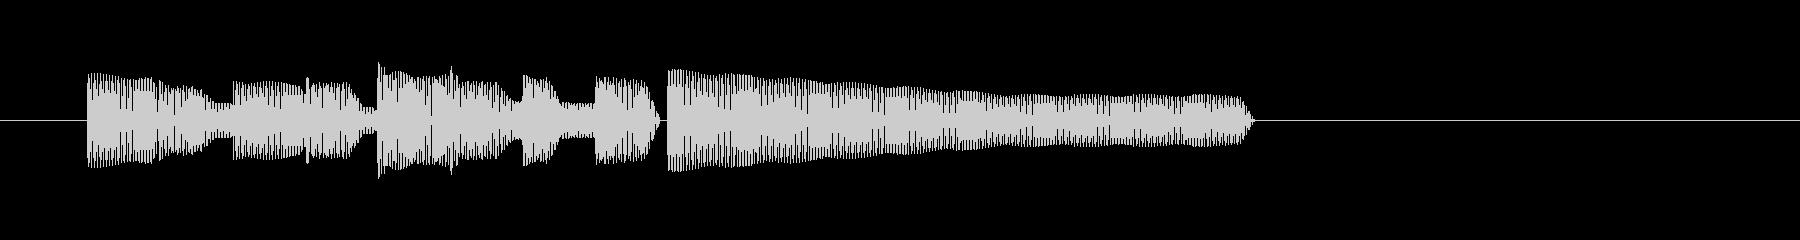 レトロゲーム・和風のジングル5の未再生の波形